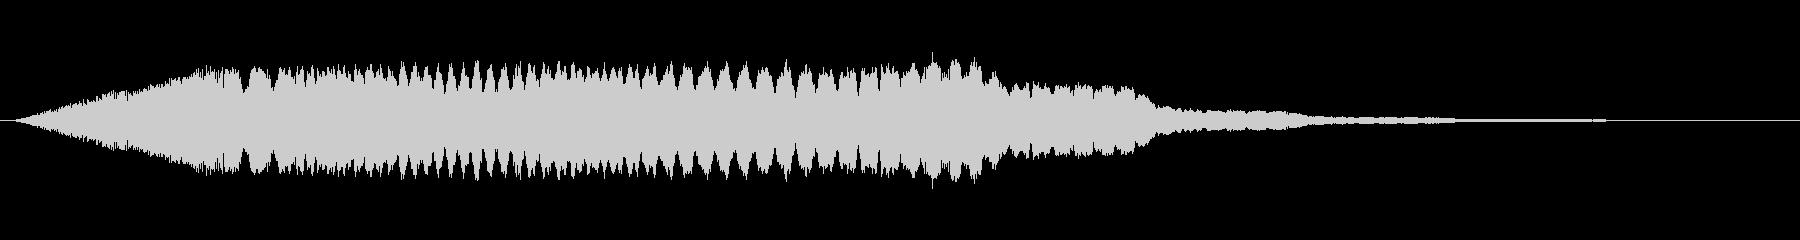 ヒュイイイイン_コミカルな通過音の未再生の波形